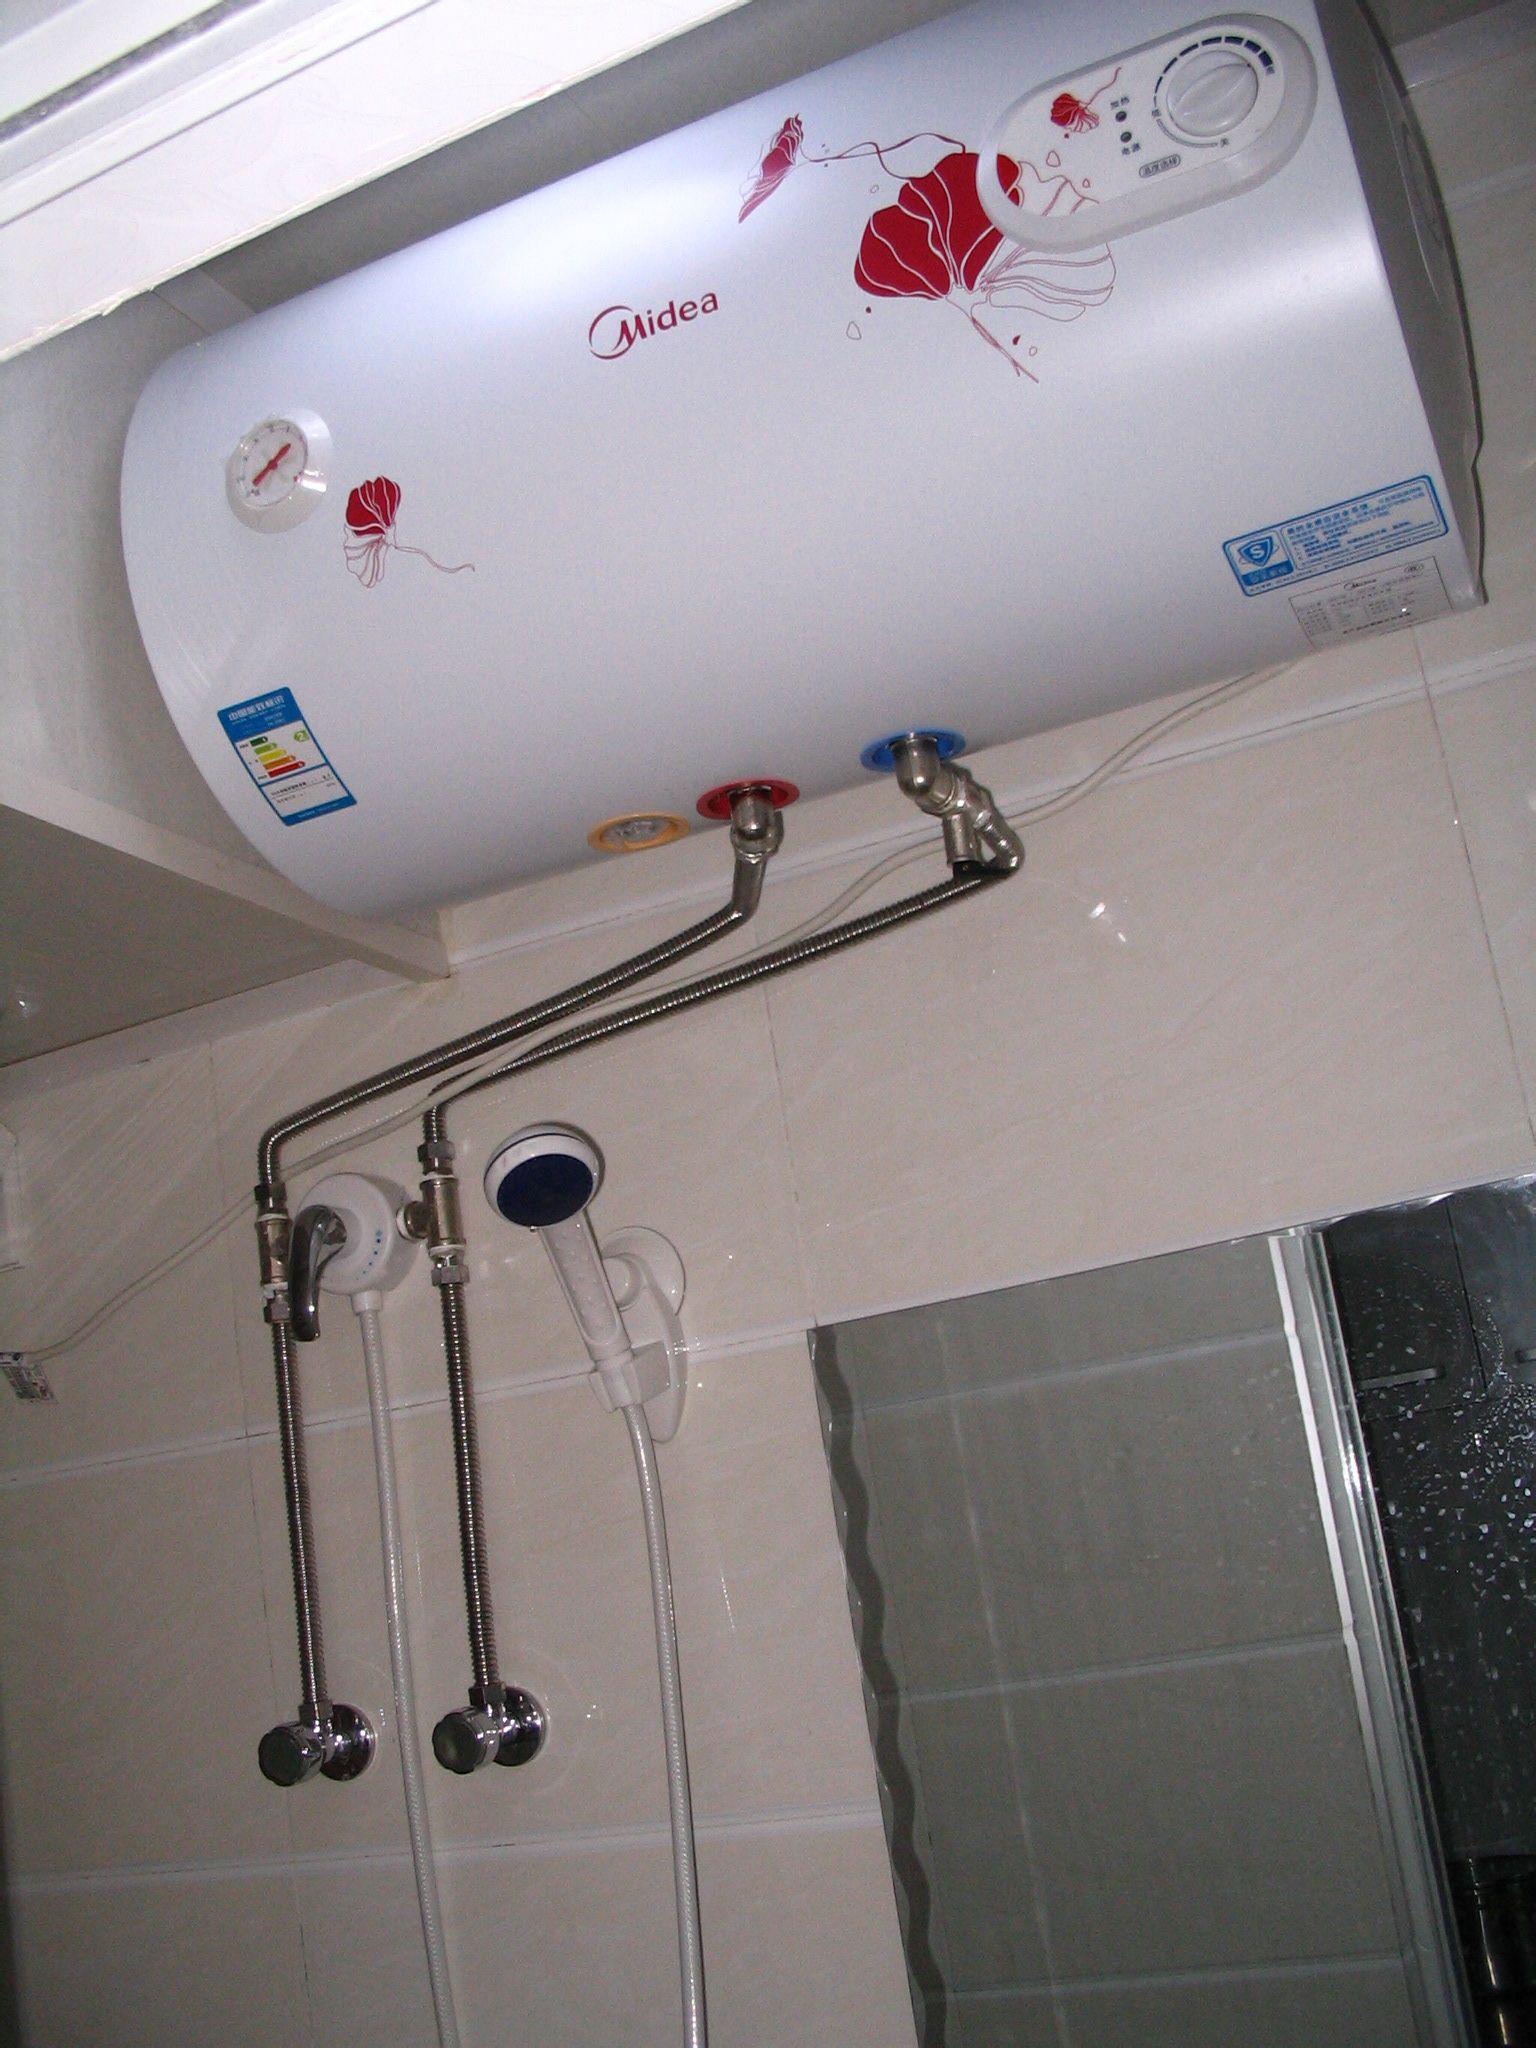 美的燃气热水器售后_美的热水器,安装收费太坑人,到哪里投诉呢?_百度知道